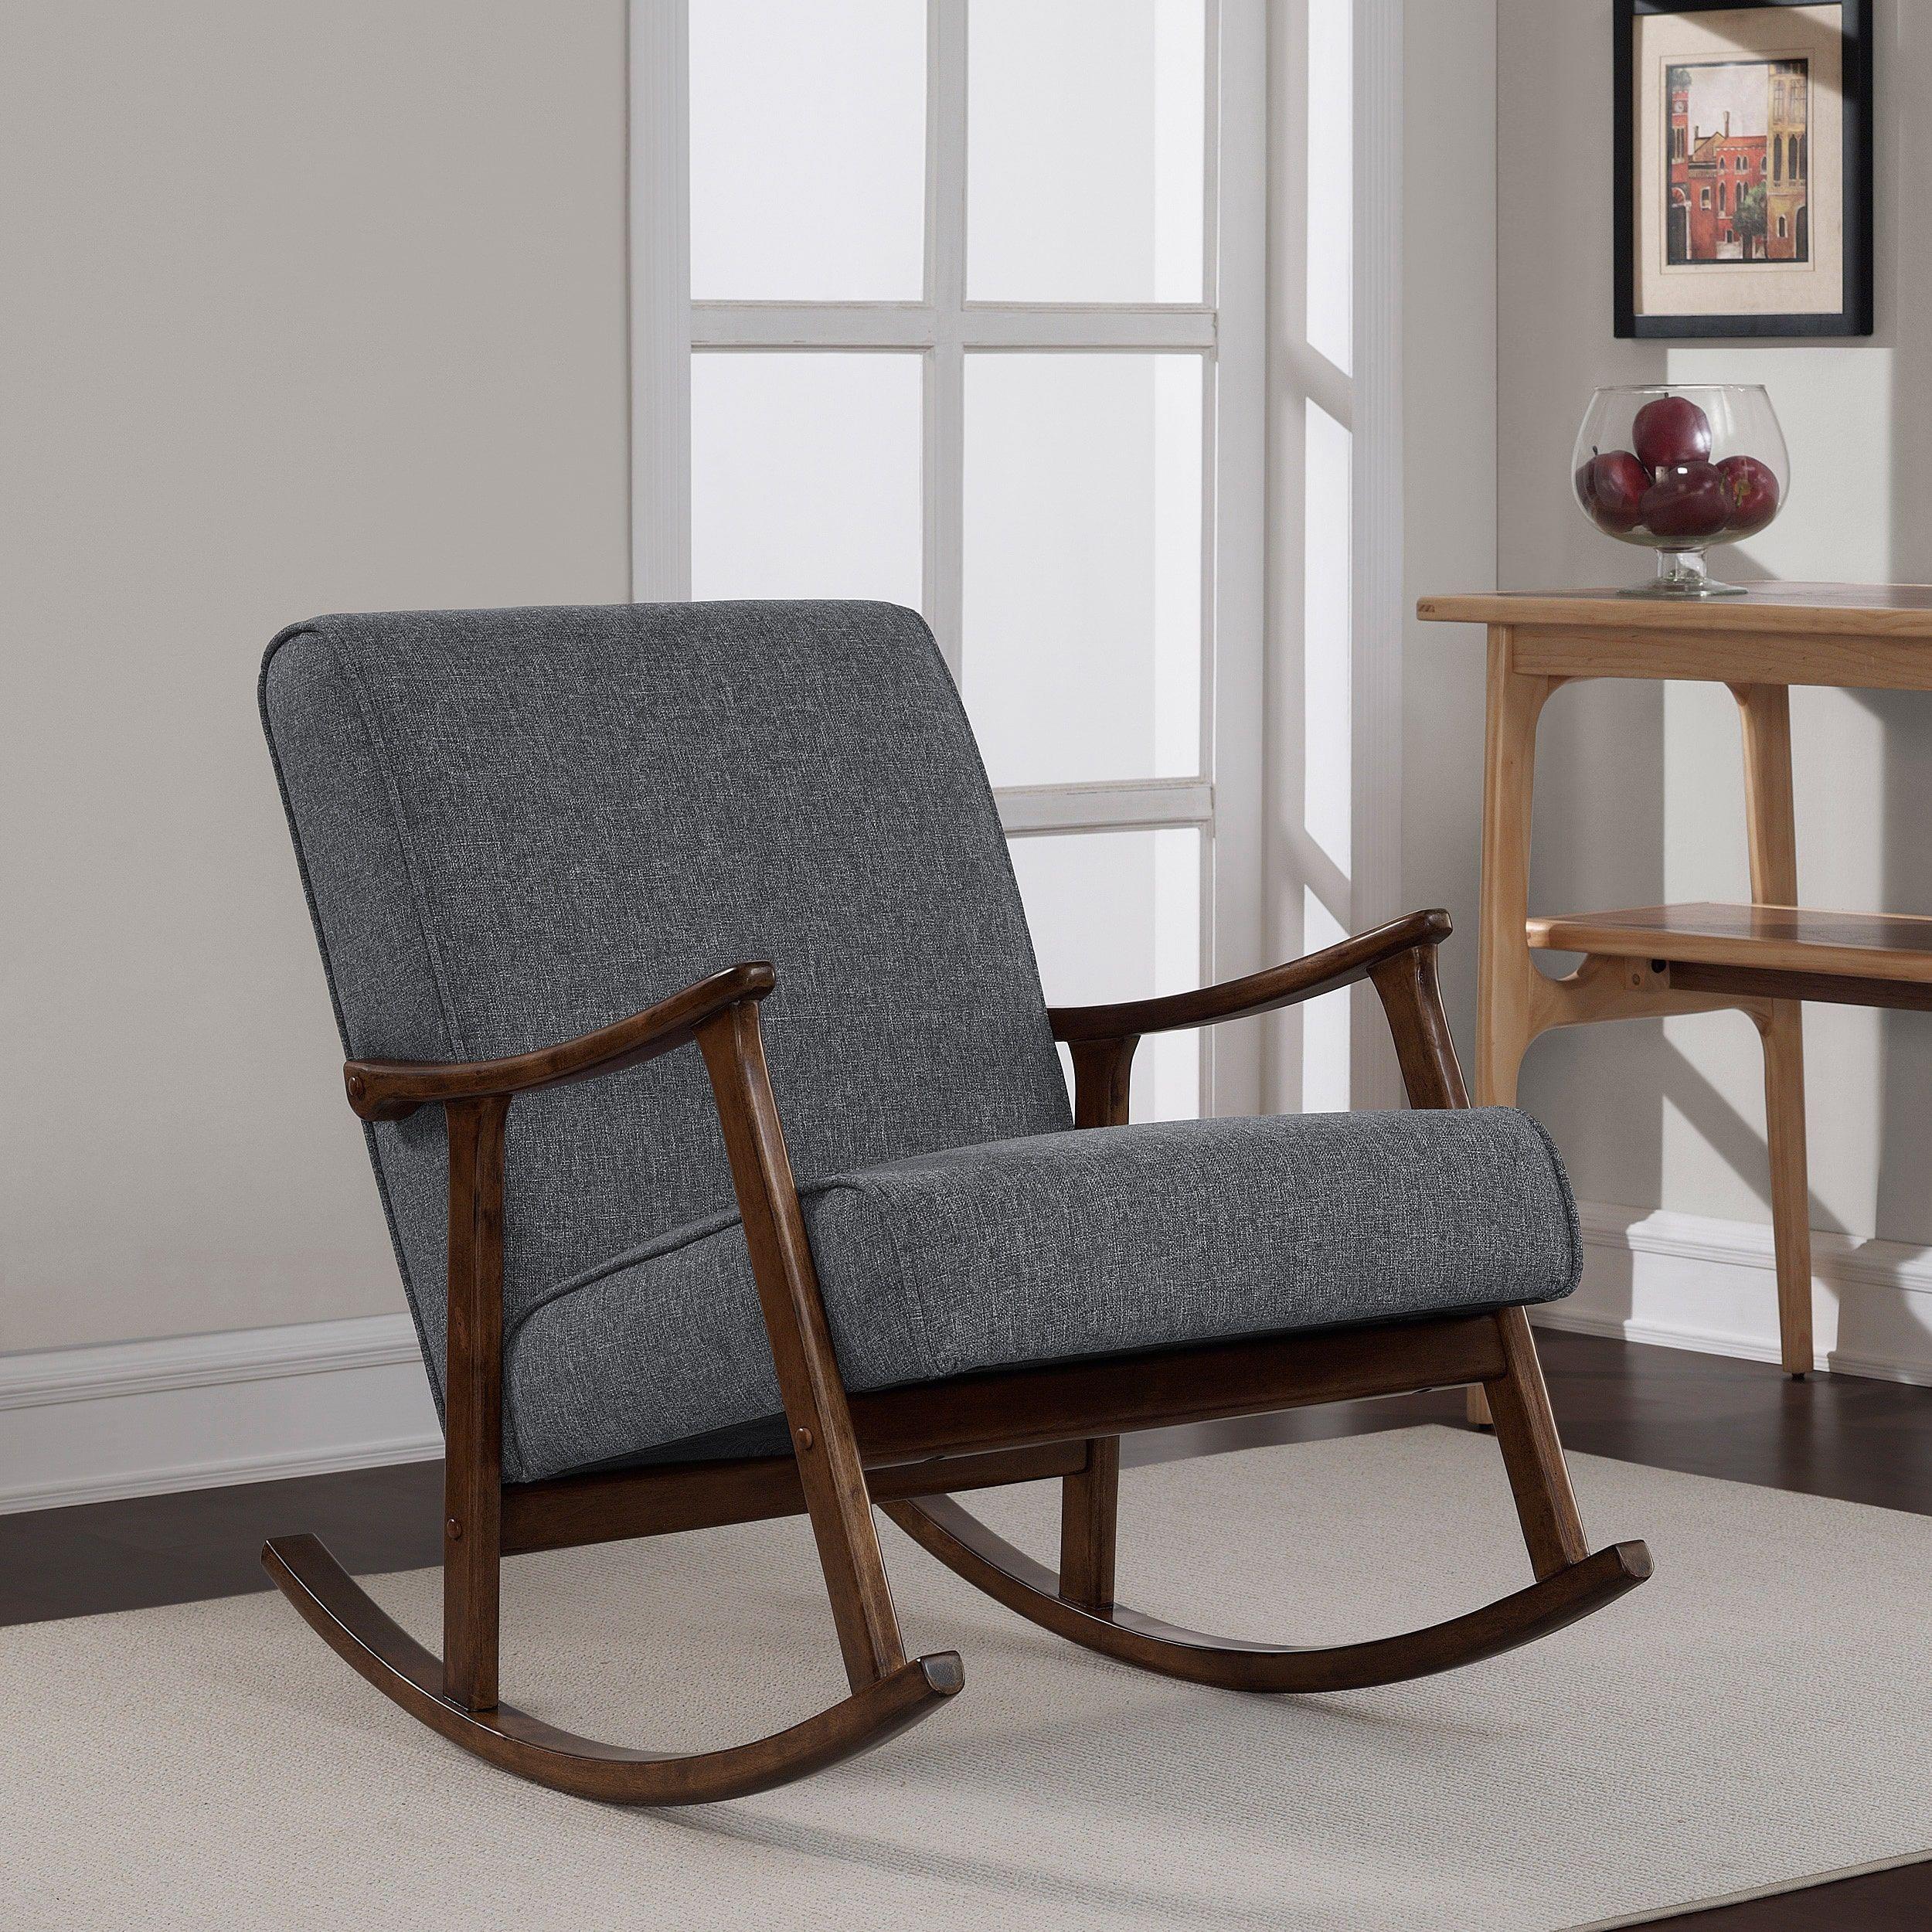 granite grey fabric mid century wooden rocking chairi love